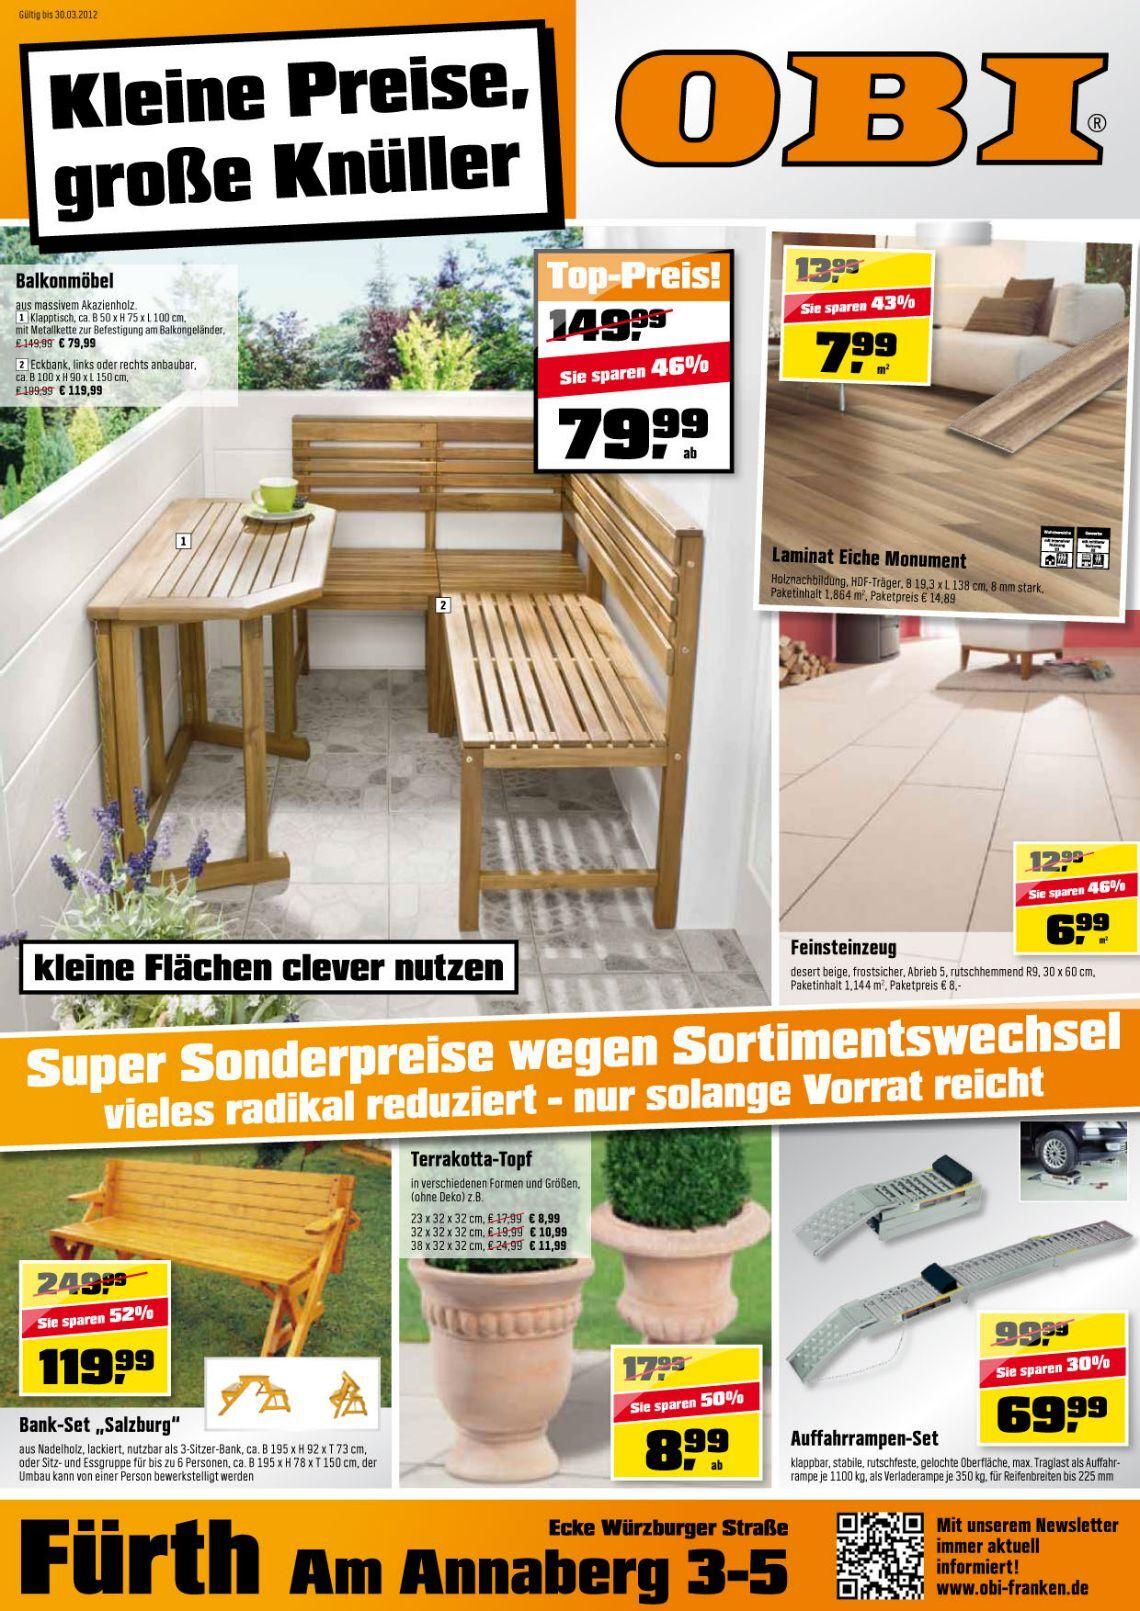 70 free magazines from obi franken de. Black Bedroom Furniture Sets. Home Design Ideas